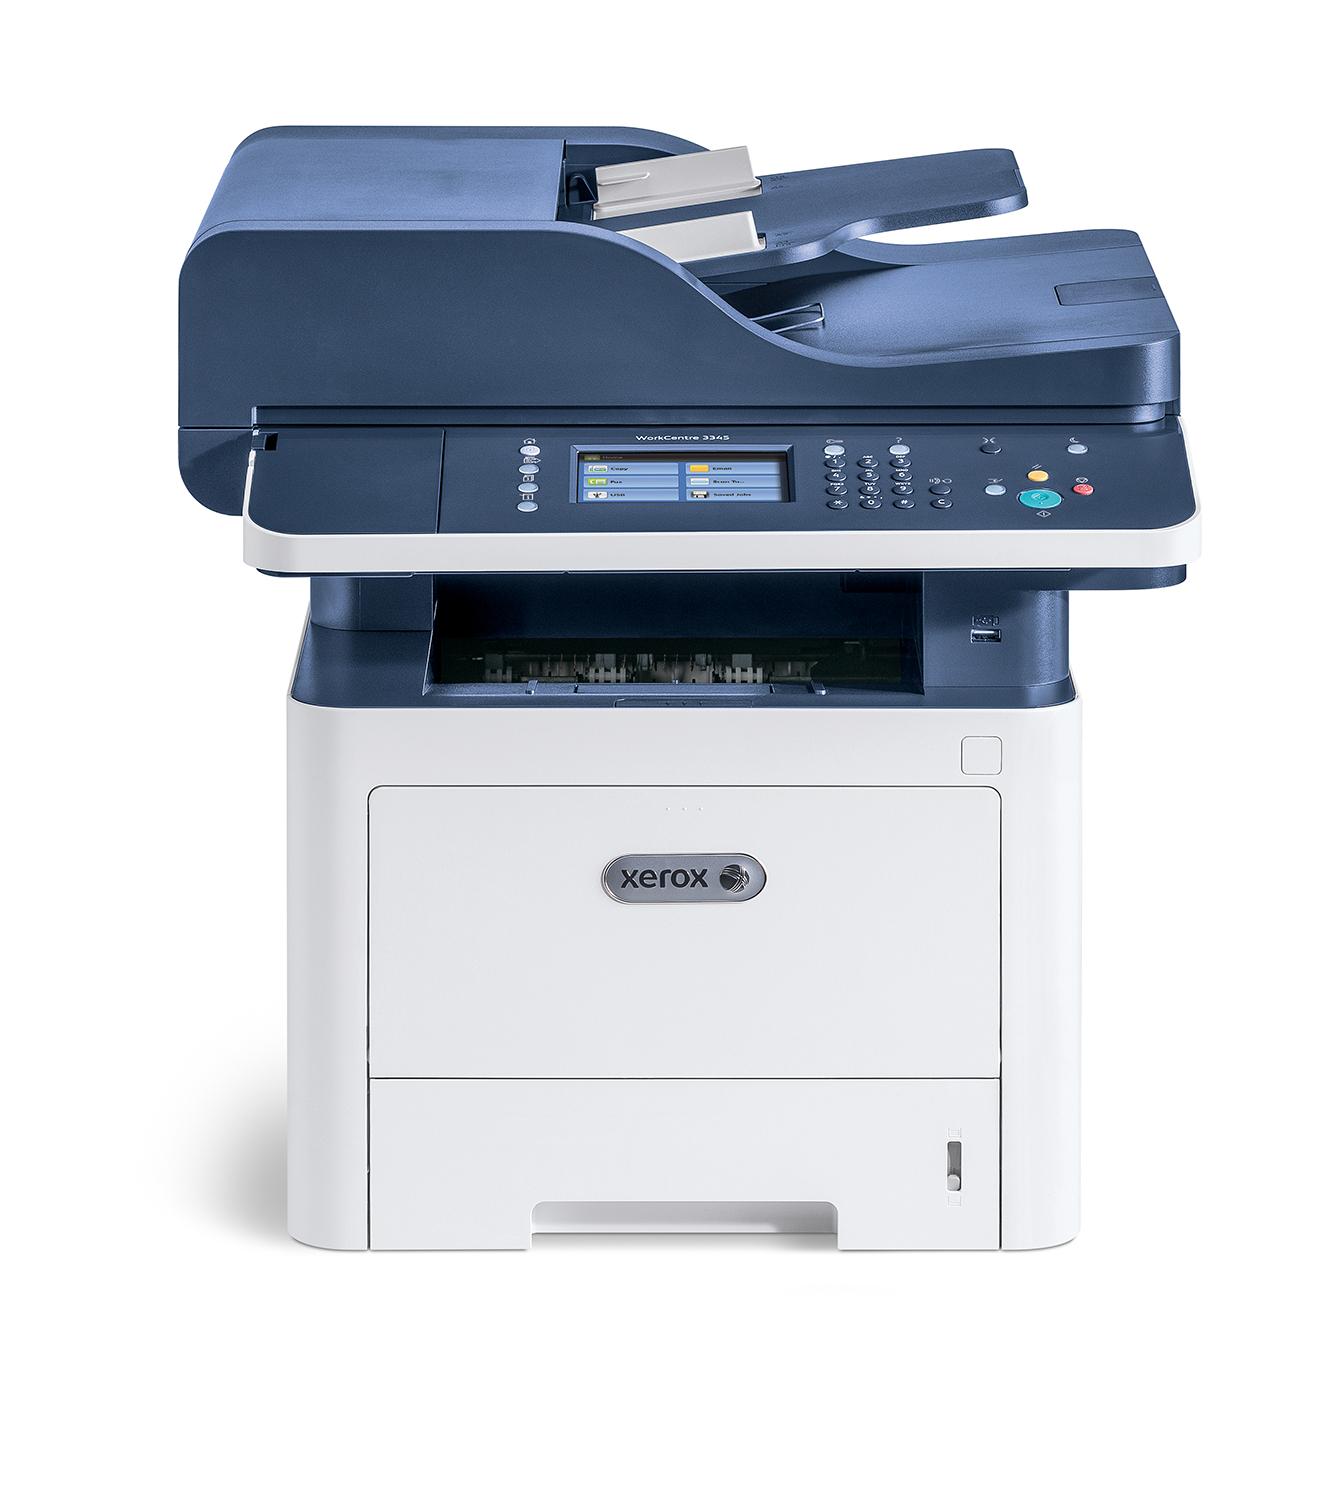 Xerox WorkCentre 3345 A4 40 Ppm Inalámbrico Doble Cara Copia/Impresión/Escaneado/Fax Ps3 Pcl5E/6 Dadf 2 Bandejas Total 300 Hojas